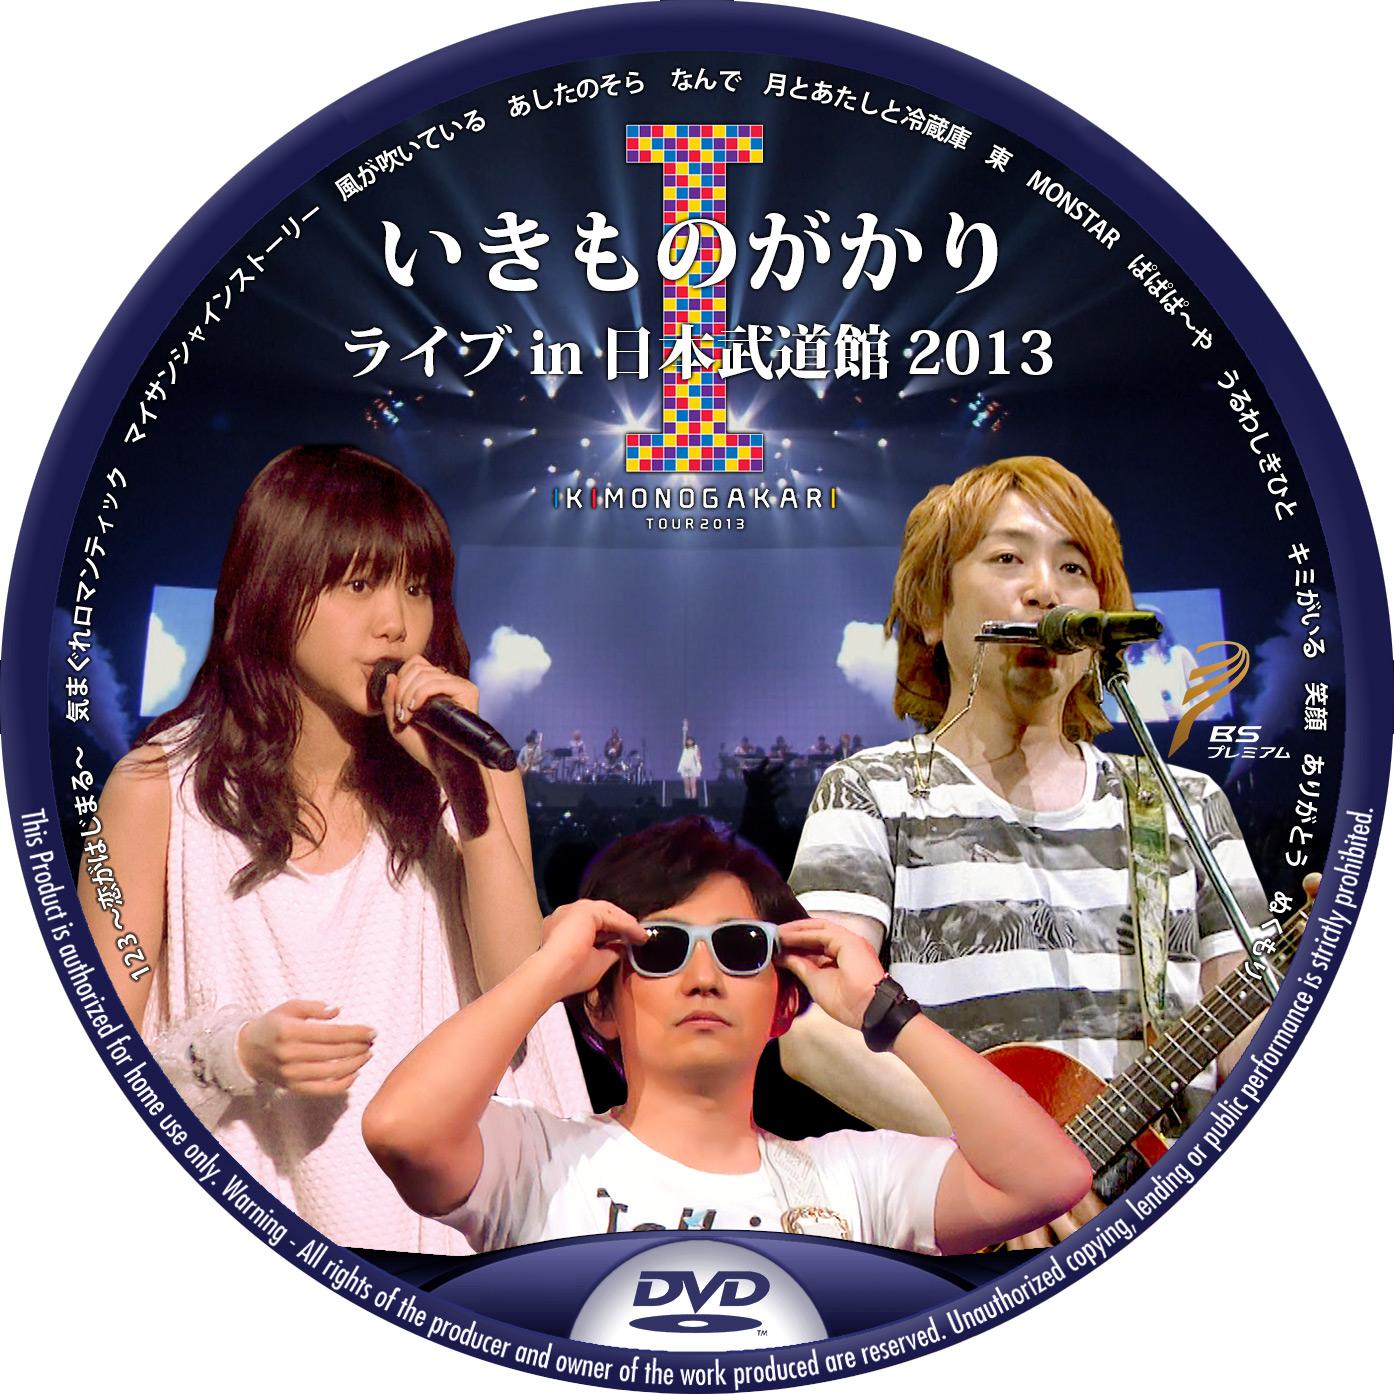 いきものがかり 日本武道館 DVDラベル